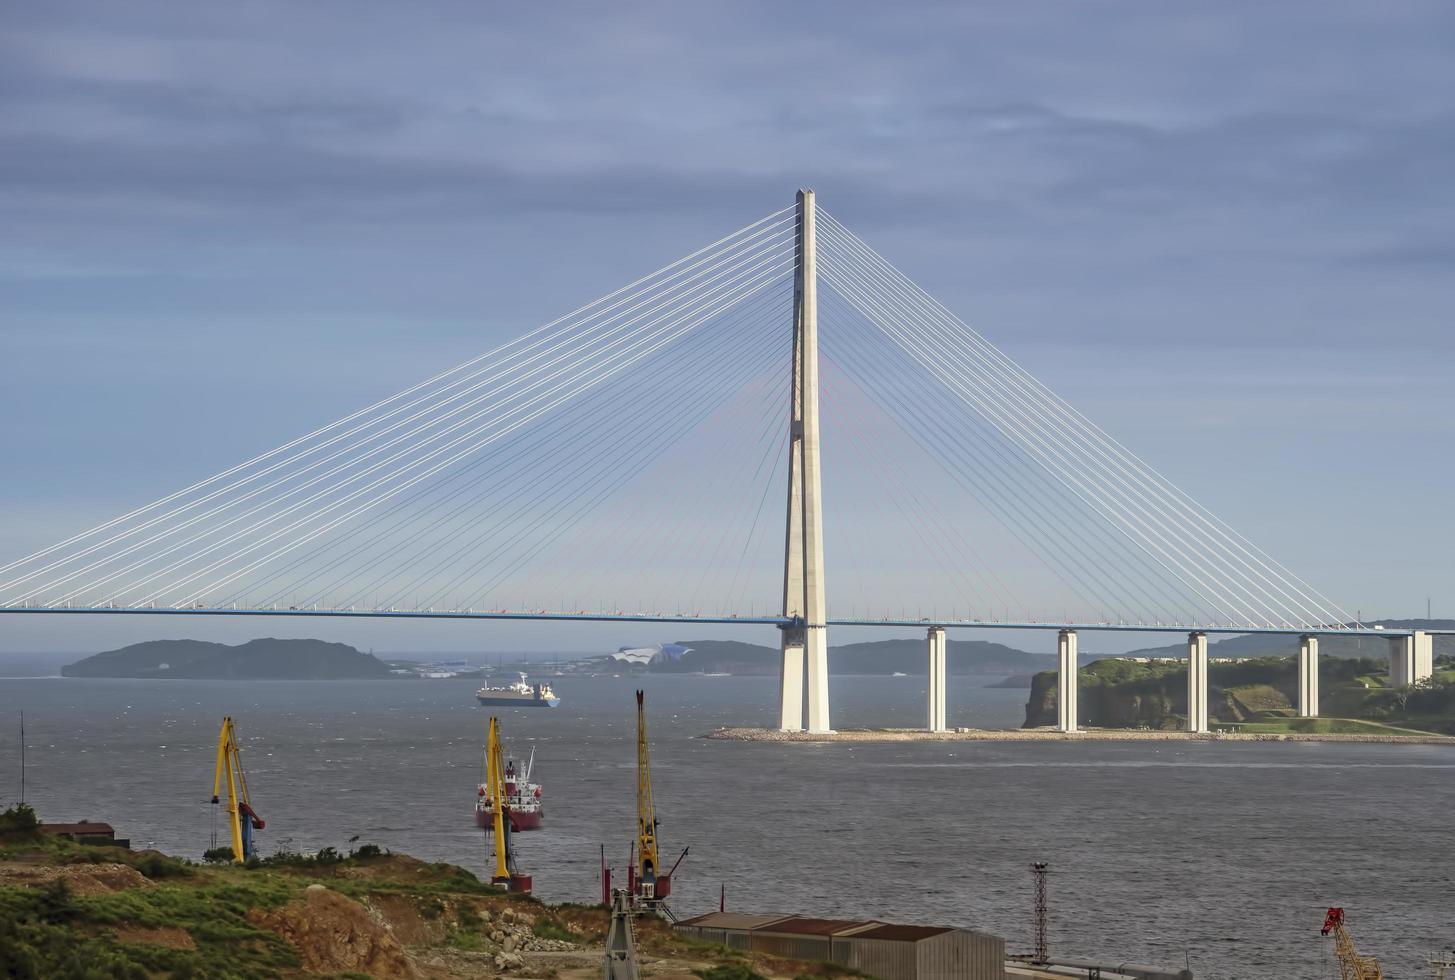 paisaje marino con vistas a la construcción del puente ruso. foto